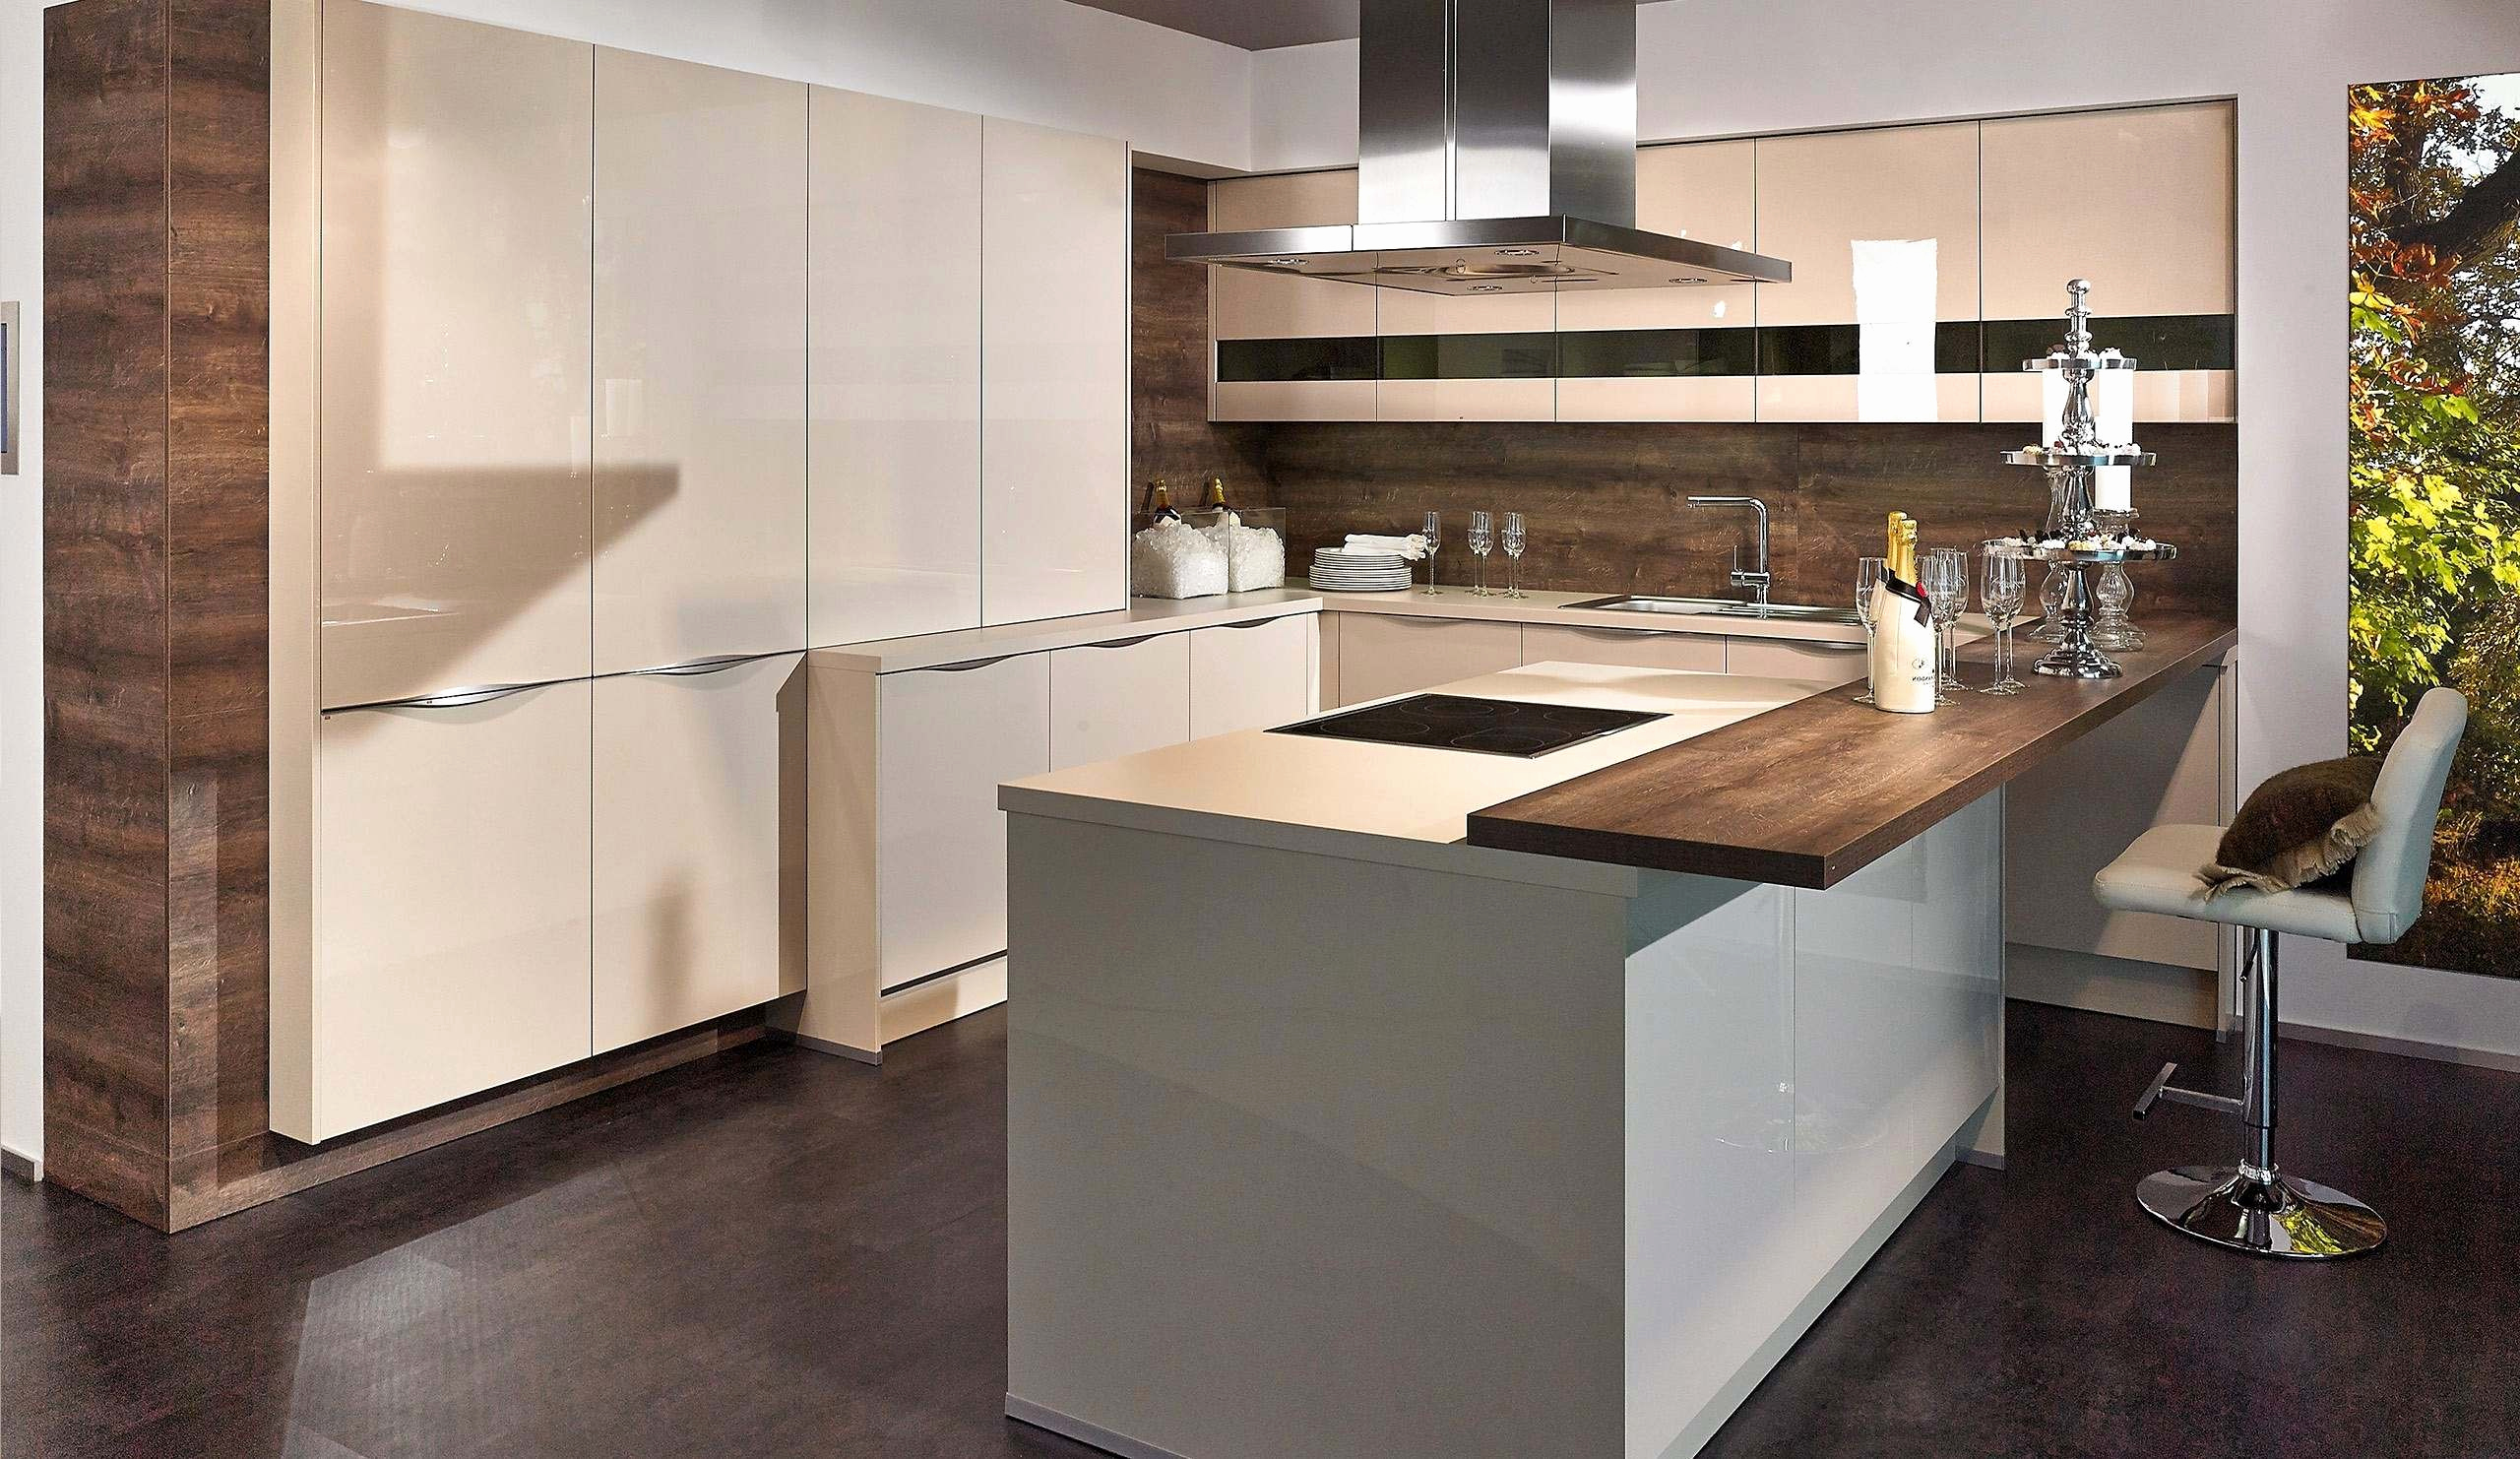 Full Size of Kuchen Tapeten Modern Mit Kche Ideen Elegant 20 Top Wohnzimmer Bad Renovieren Küchen Regal Wohnzimmer Küchen Ideen